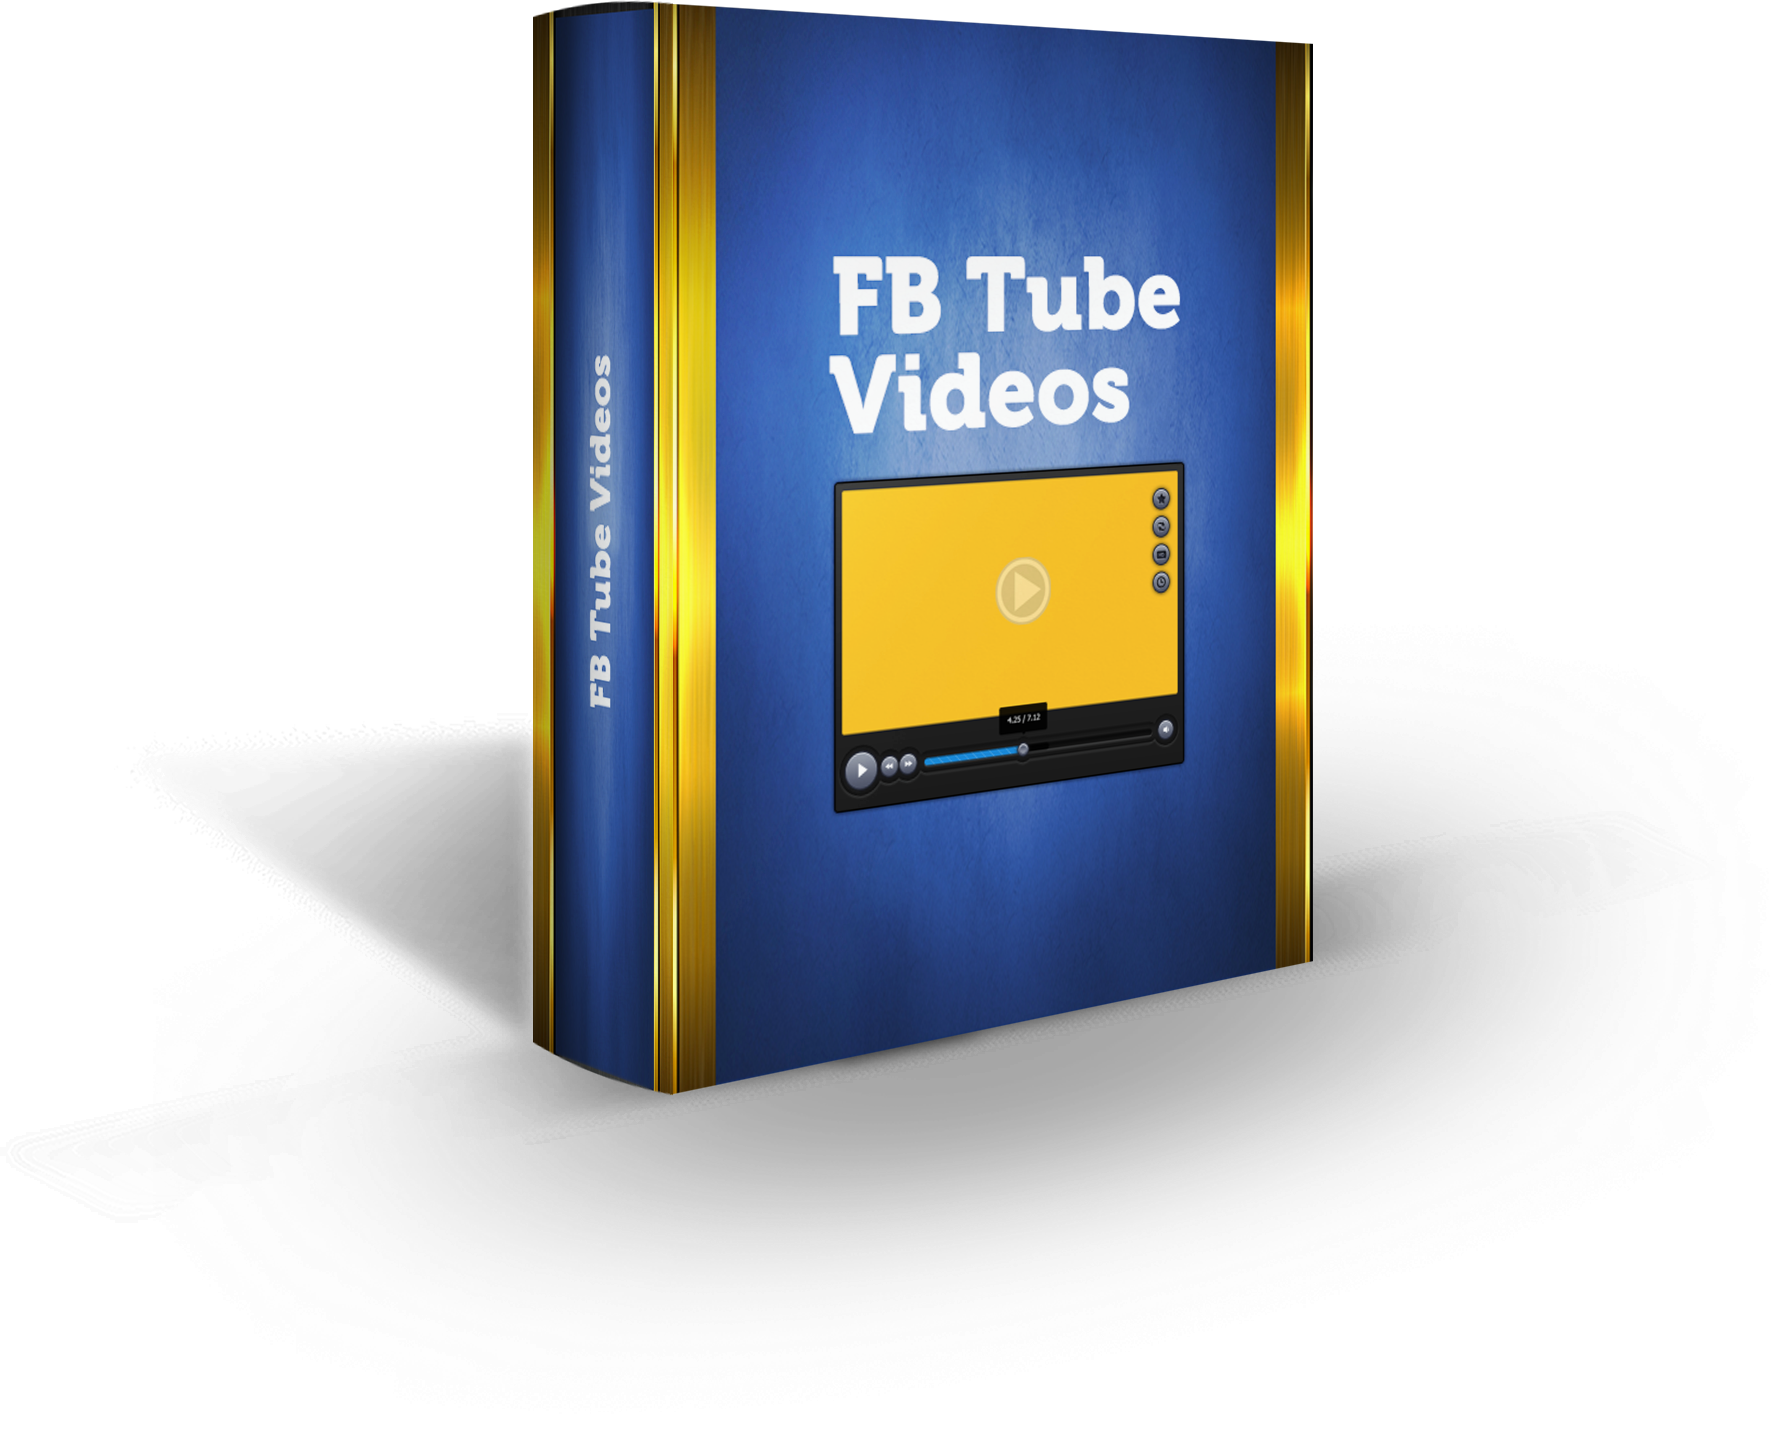 FB Tube Videos